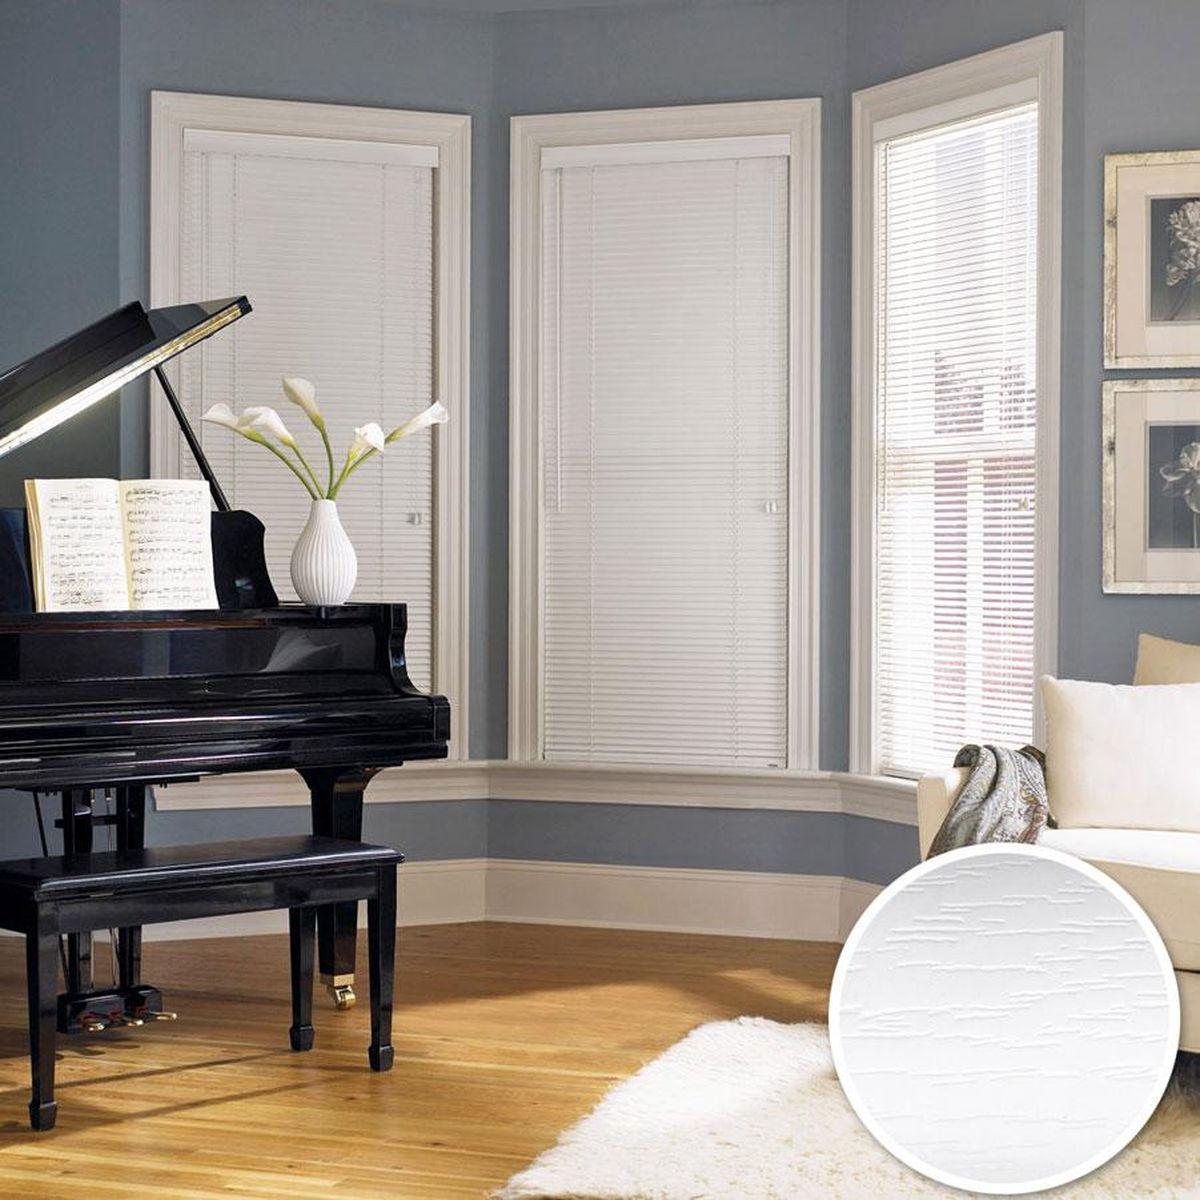 Жалюзи пластиковые 38 мм Эскар, горизонтальные, цвет: белый, ширина 60 см, высота 160 см6014060160Для того чтобы придать интерьеру изюминку и завершенность, нет ничего лучше, чем использовать жалюзи на окнах квартиры, дома или офиса. С их помощью можно подчеркнуть индивидуальный вкус, а также стилевое оформление помещения. Помимо декоративных функций, жалюзи выполняют и практические задачи: они защищают от излишнего солнечного света, не дают помещению нагреваться, а также создают уют в темное время суток.Пластиковые жалюзи - самое универсальное и недорогое решение для любого помещения. Купить их может каждый, а широкий выбор размеров под самые популярные габариты сделает покупку простой и удобной. Пластиковые жалюзи имеют высокие эксплуатационные характеристики - они гигиеничны, что делает их незаменимыми при монтаже в детских и медицинских учреждениях.